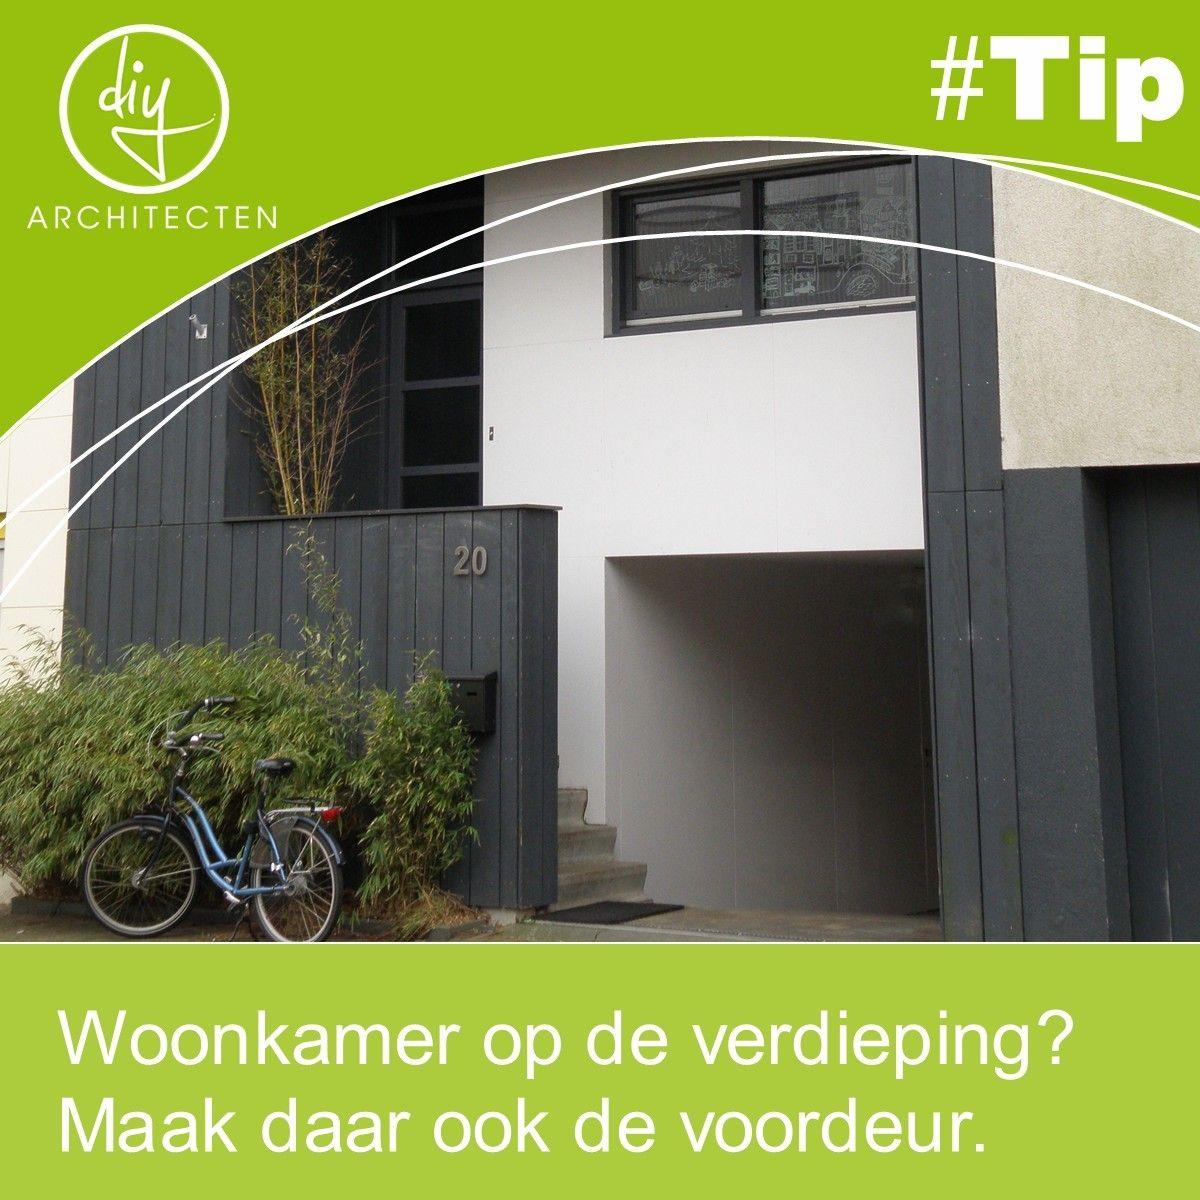 #TIP Overweeg je om de leefruimte op de verdieping te plaatsen? Bedenk dan dat het prettiger is om buiten alvast naar boven te gaan i.p.v. een trap binnen om naar boven te gaan. Het voelt anders. Een trap buiten geeft ook vorm aan de transitie van openbaar naar binnen toe.